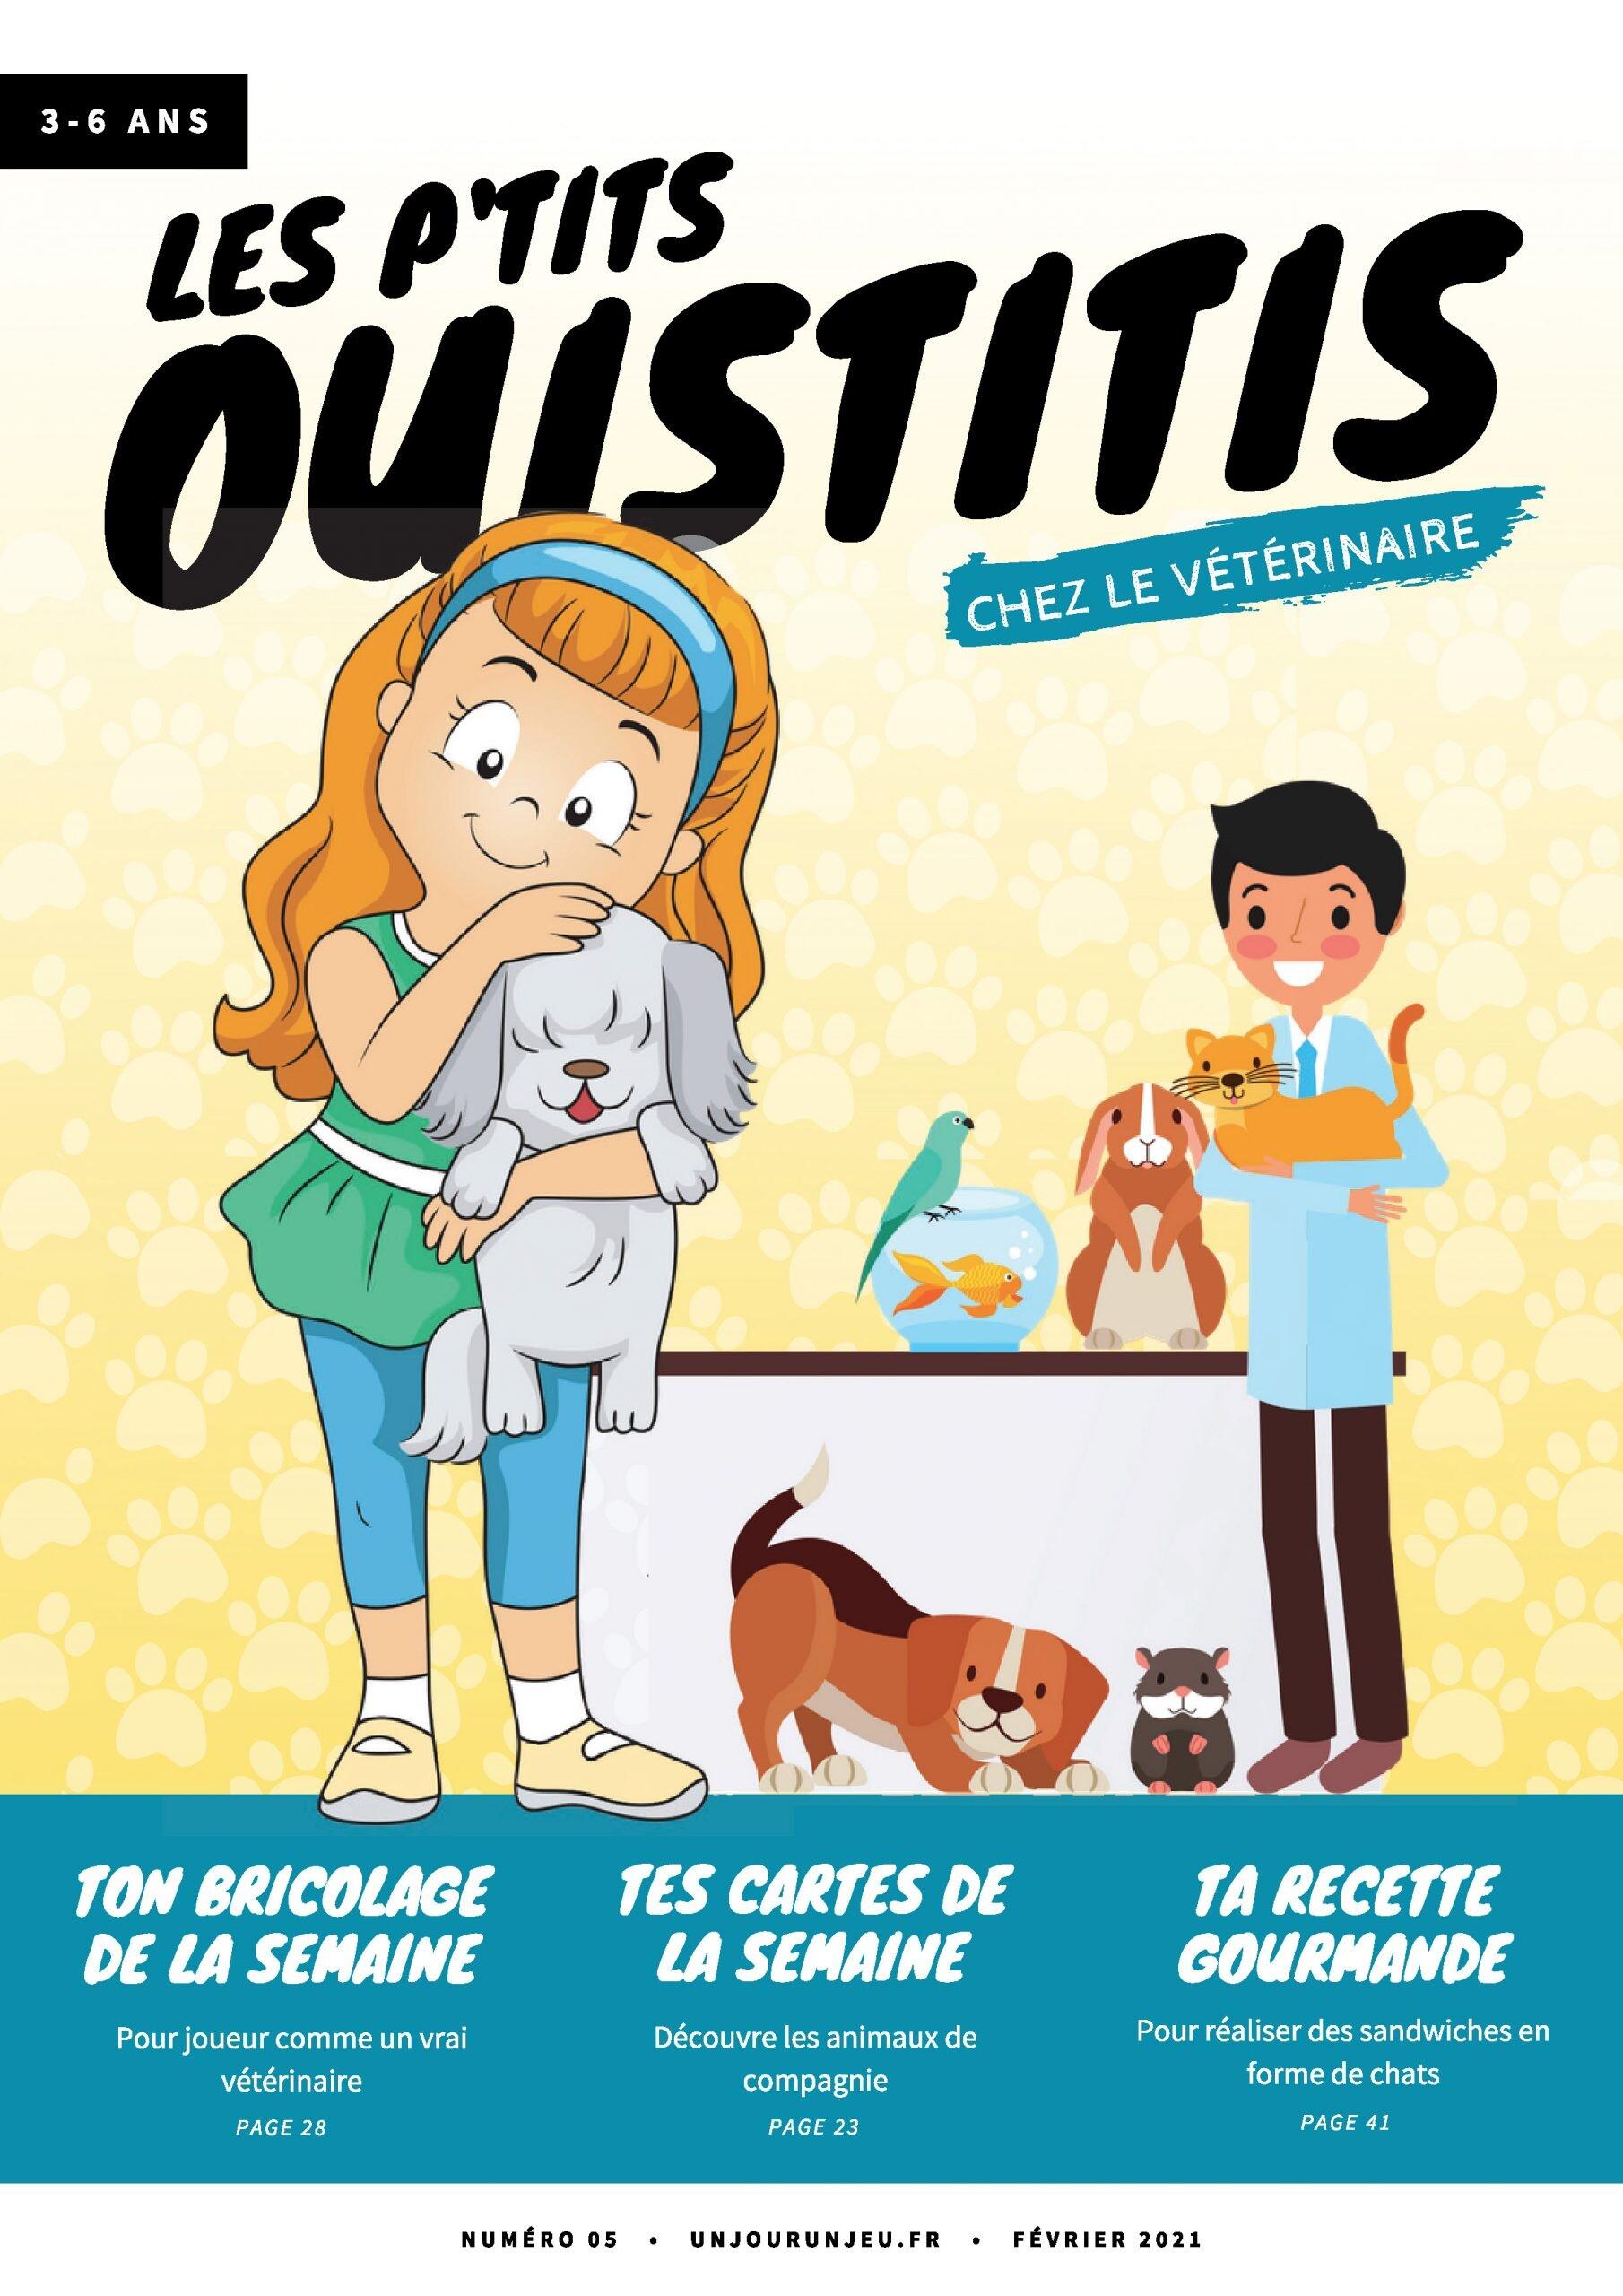 Les P'tits Ouistitis chez le vétérinaire